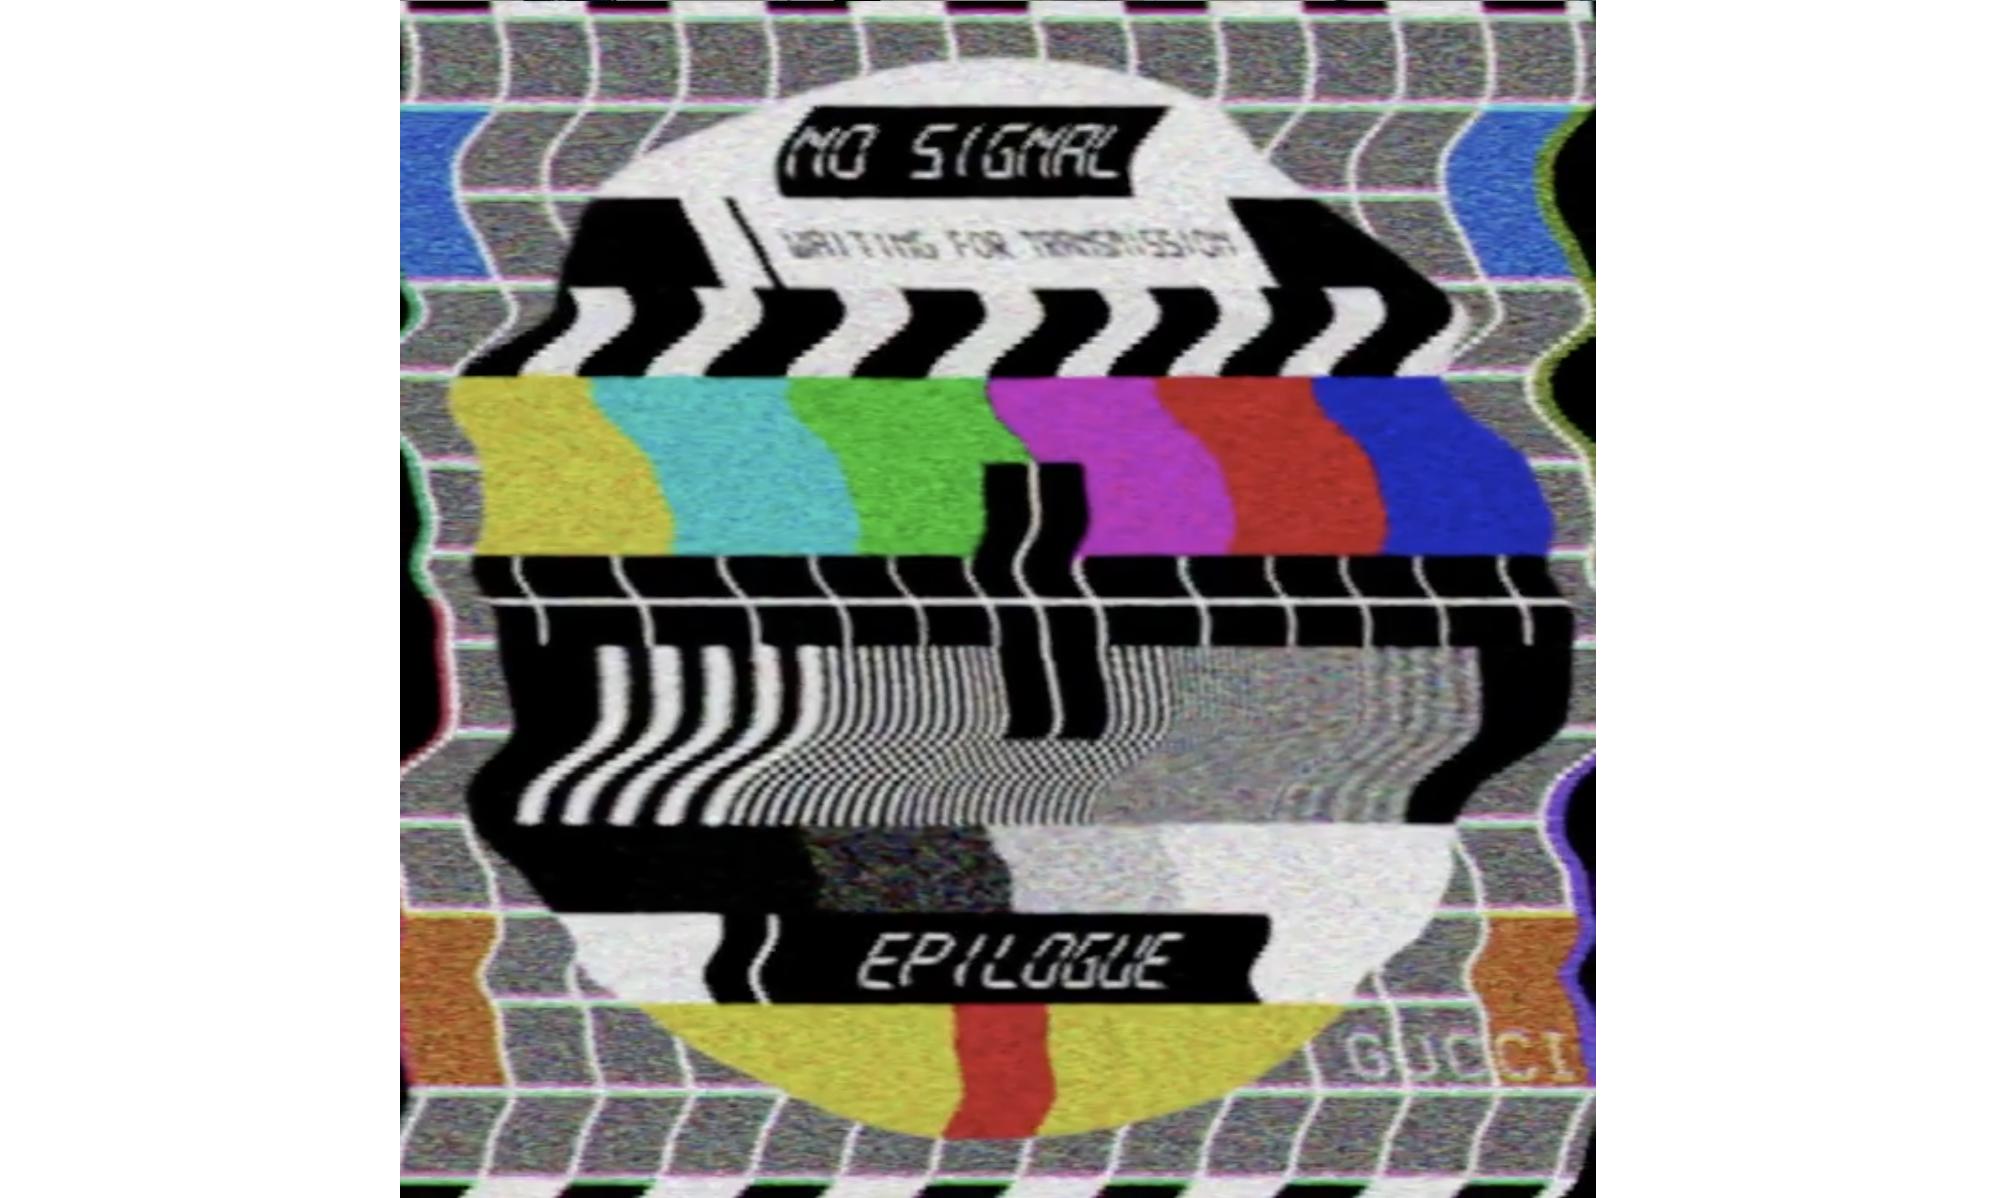 GUCCI 将于明日通过长达 12 小时的直播发布全新系列